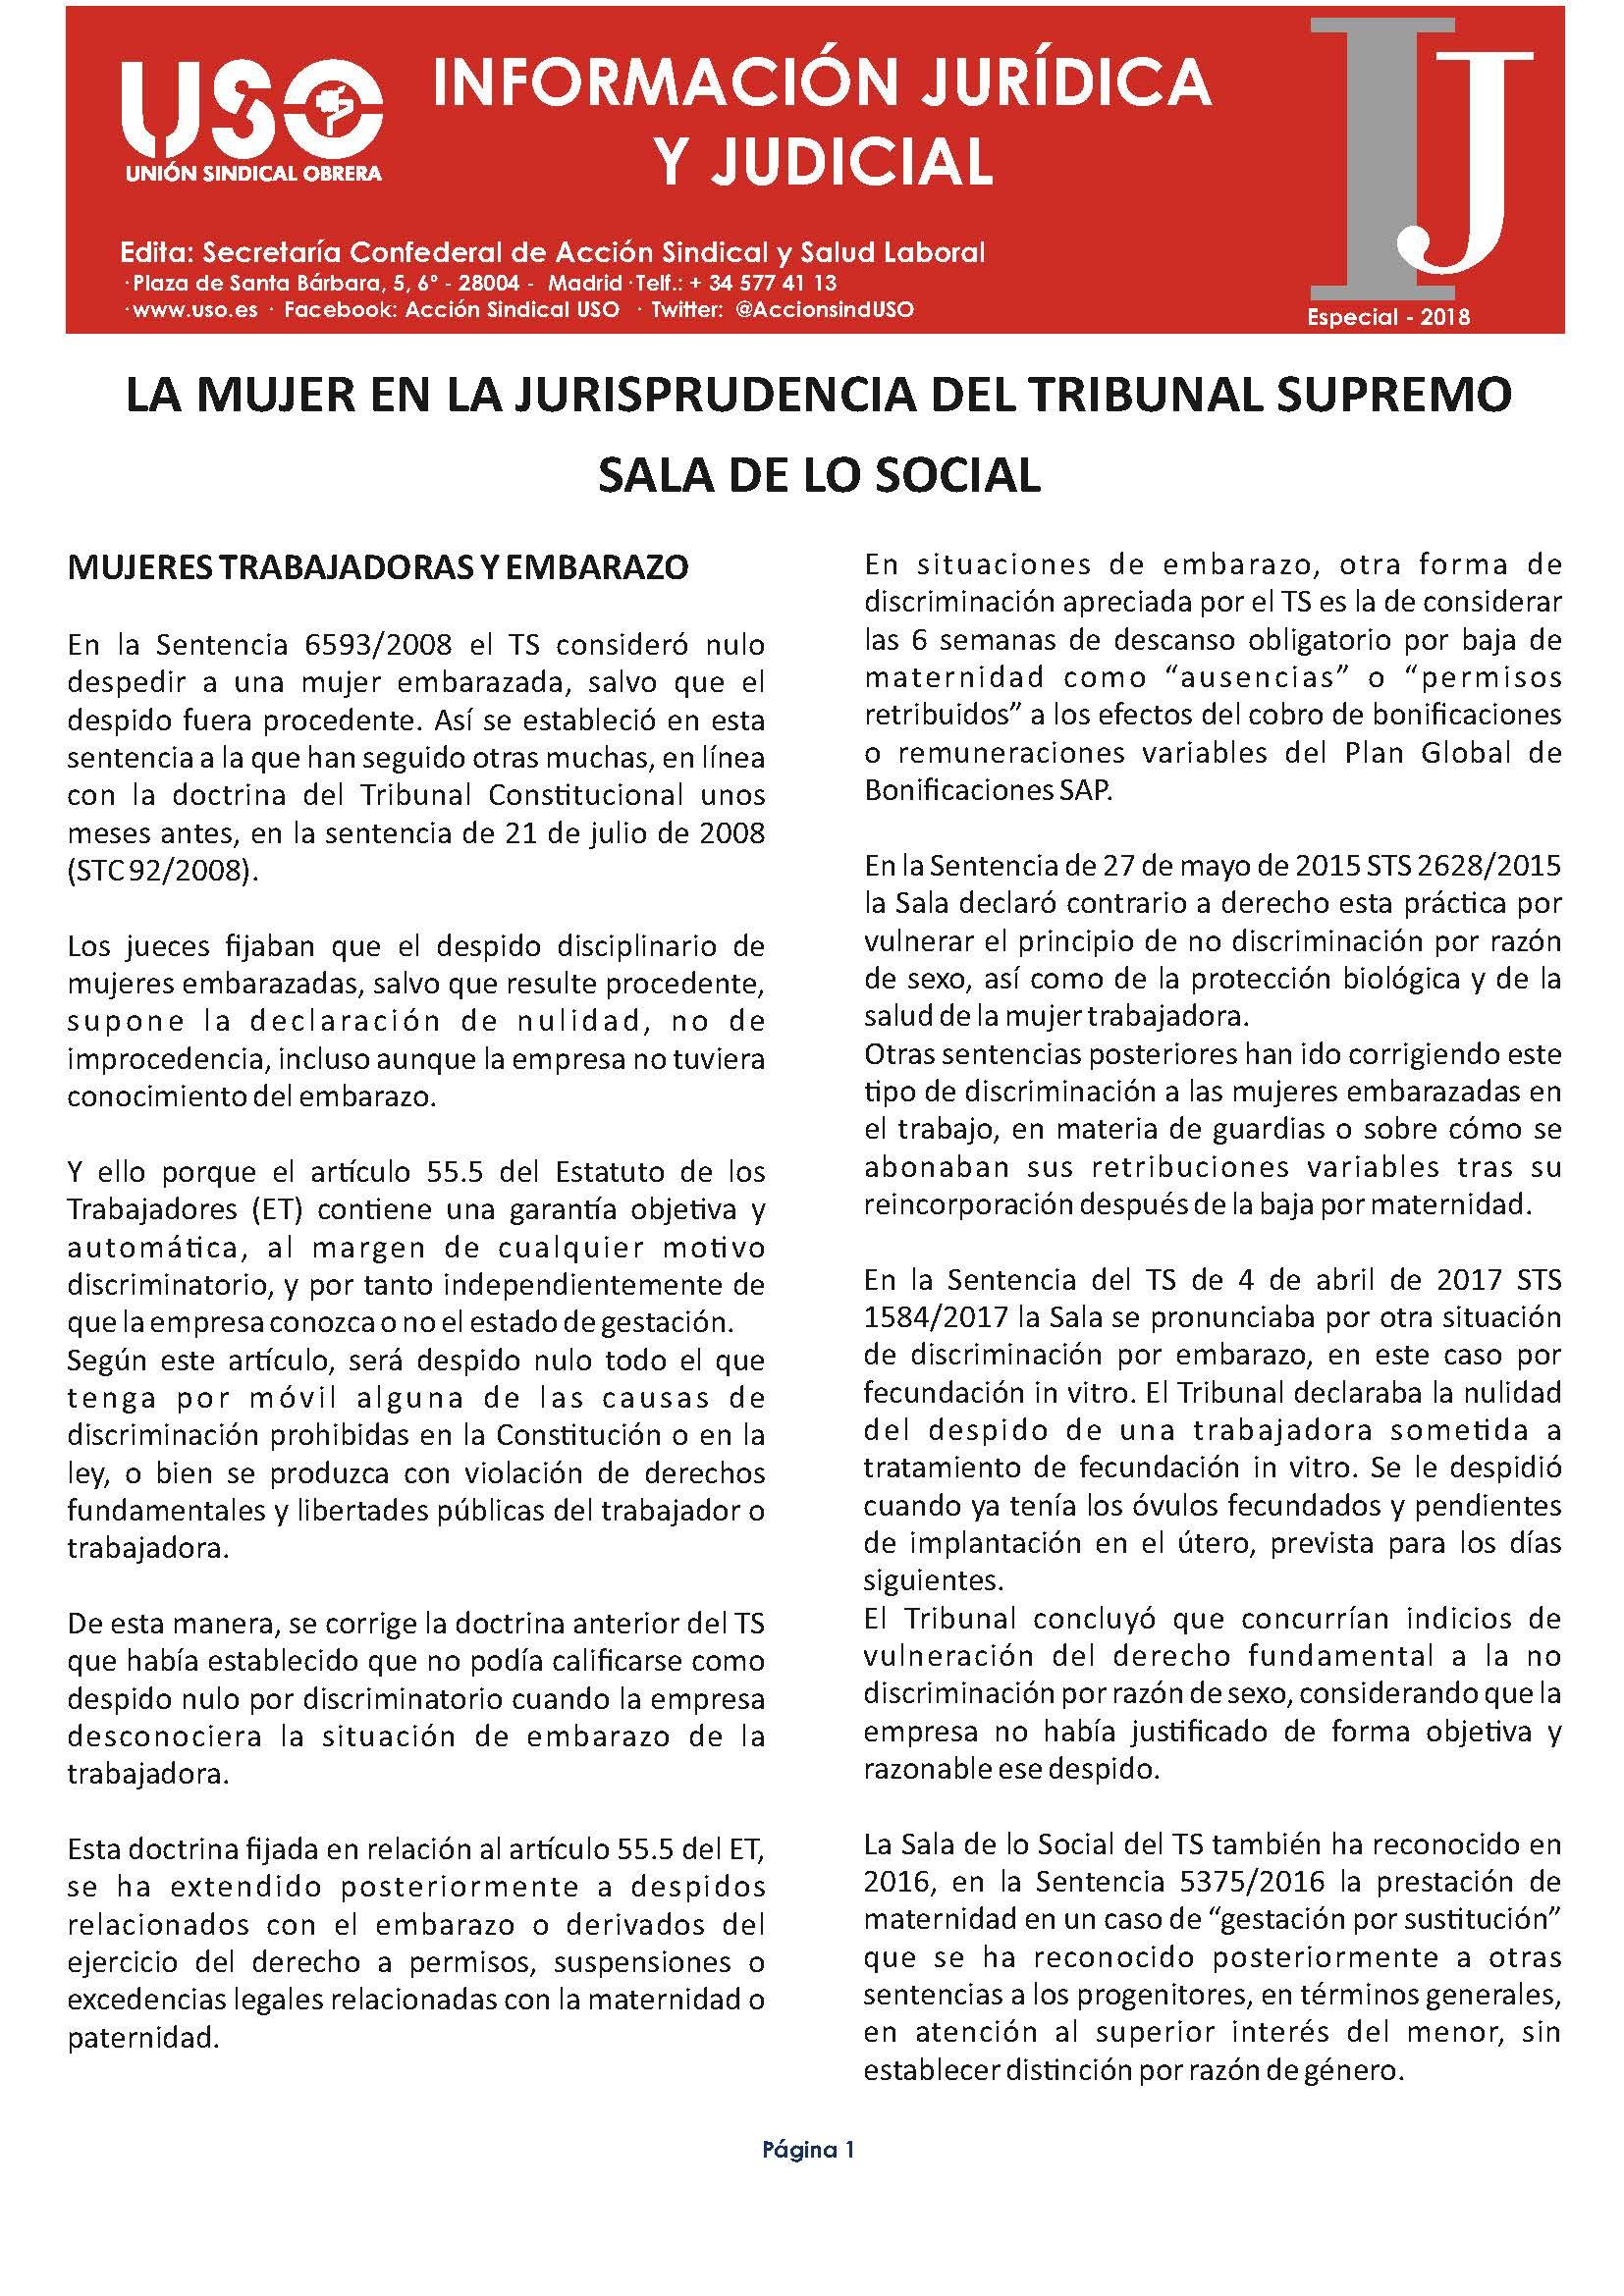 Información Jurídica y Judicial – Especial Mujer